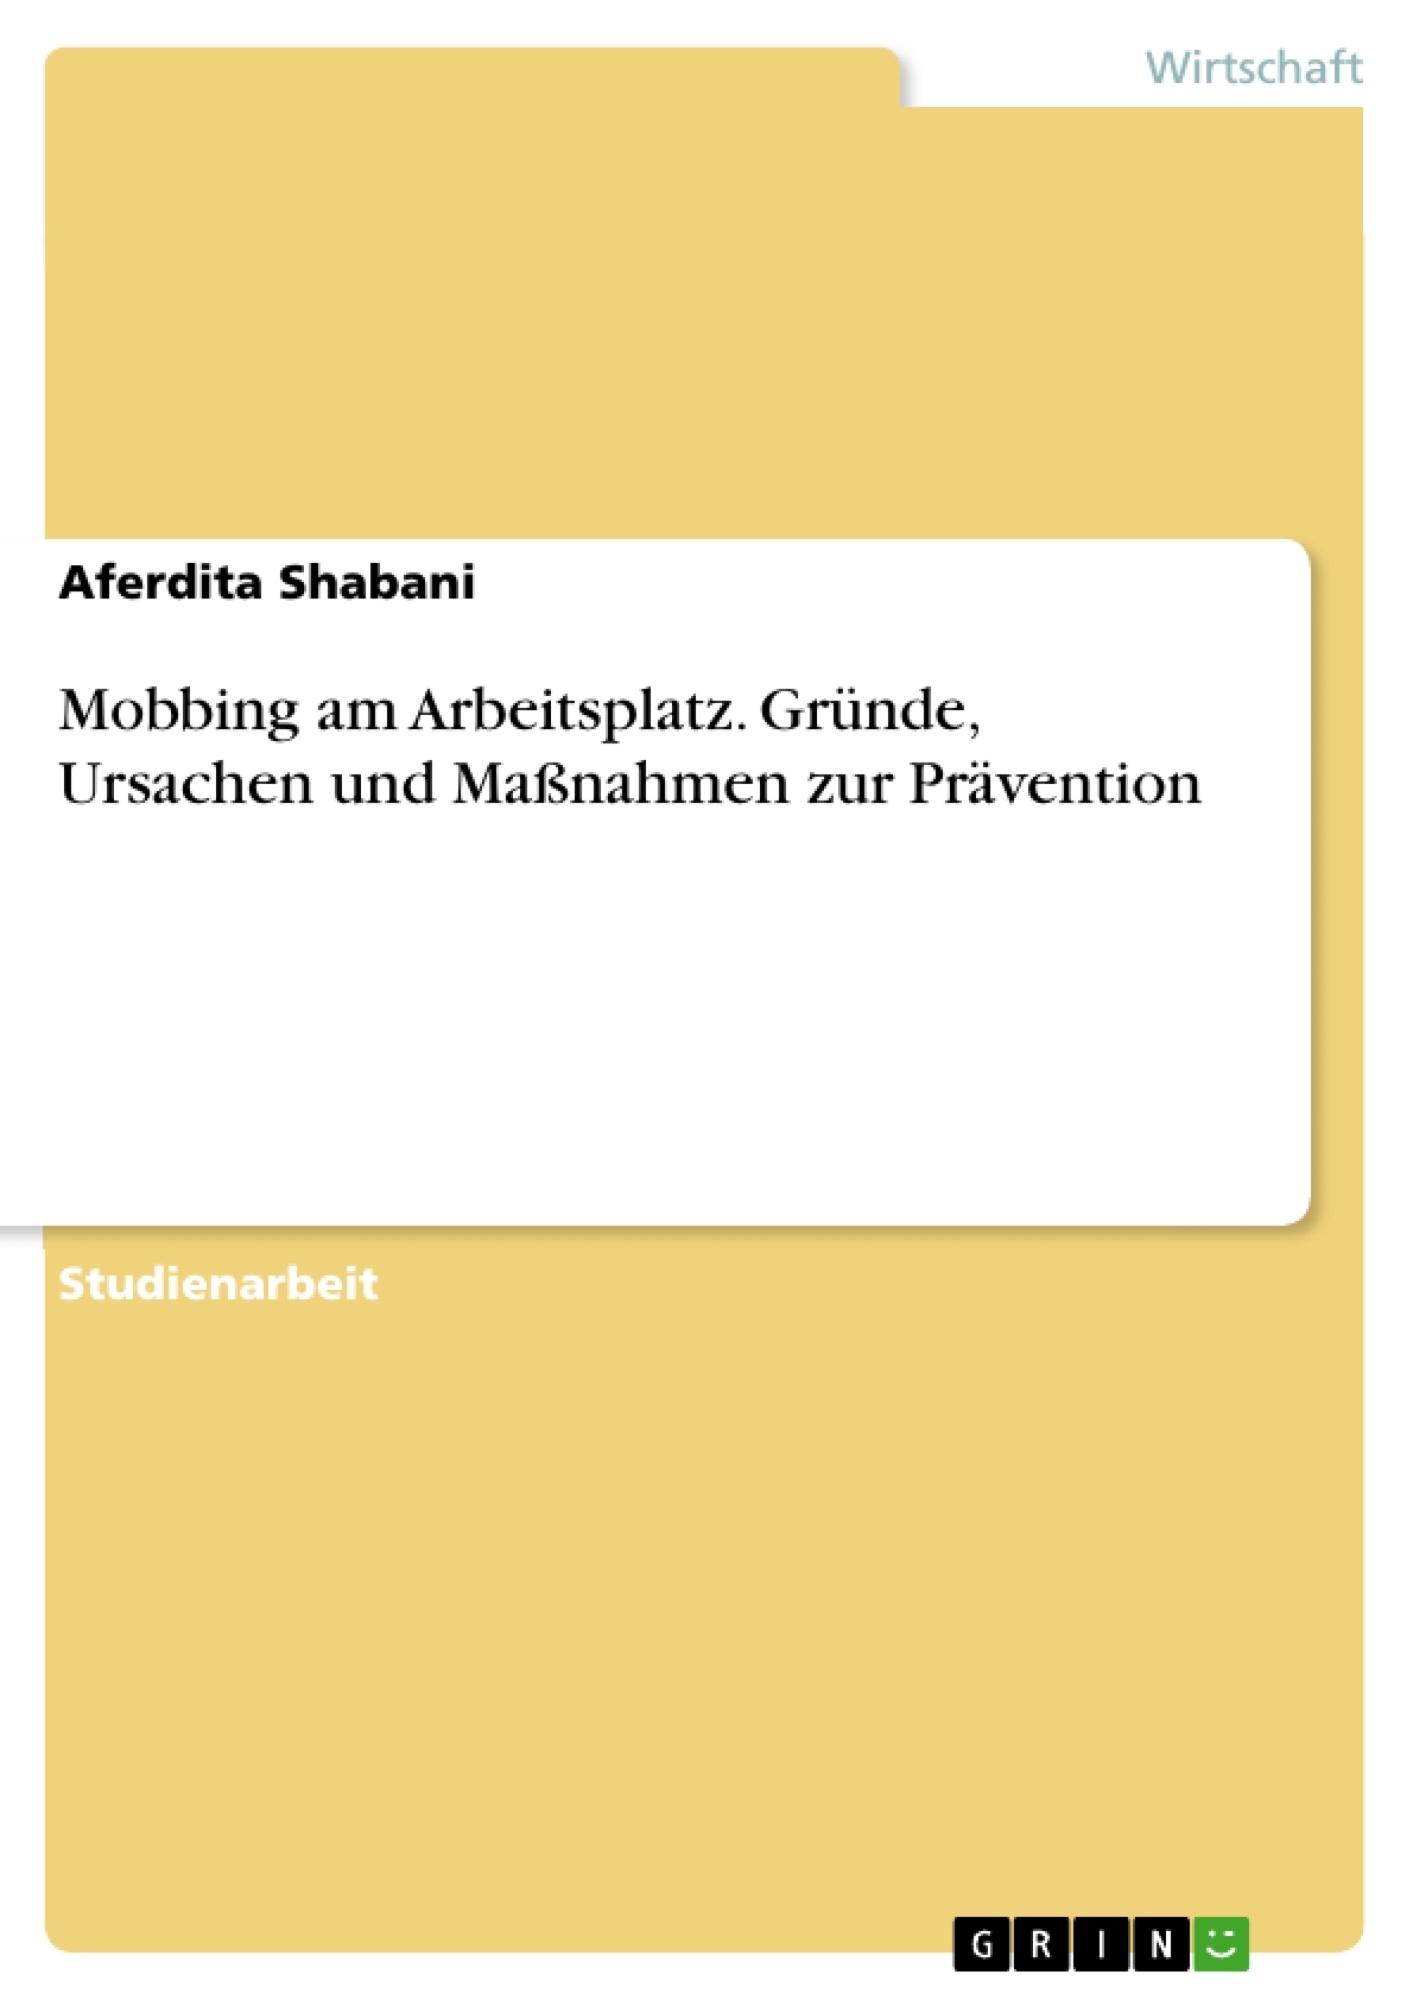 Titel: Mobbing am Arbeitsplatz. Gründe, Ursachen und Maßnahmen zur Prävention